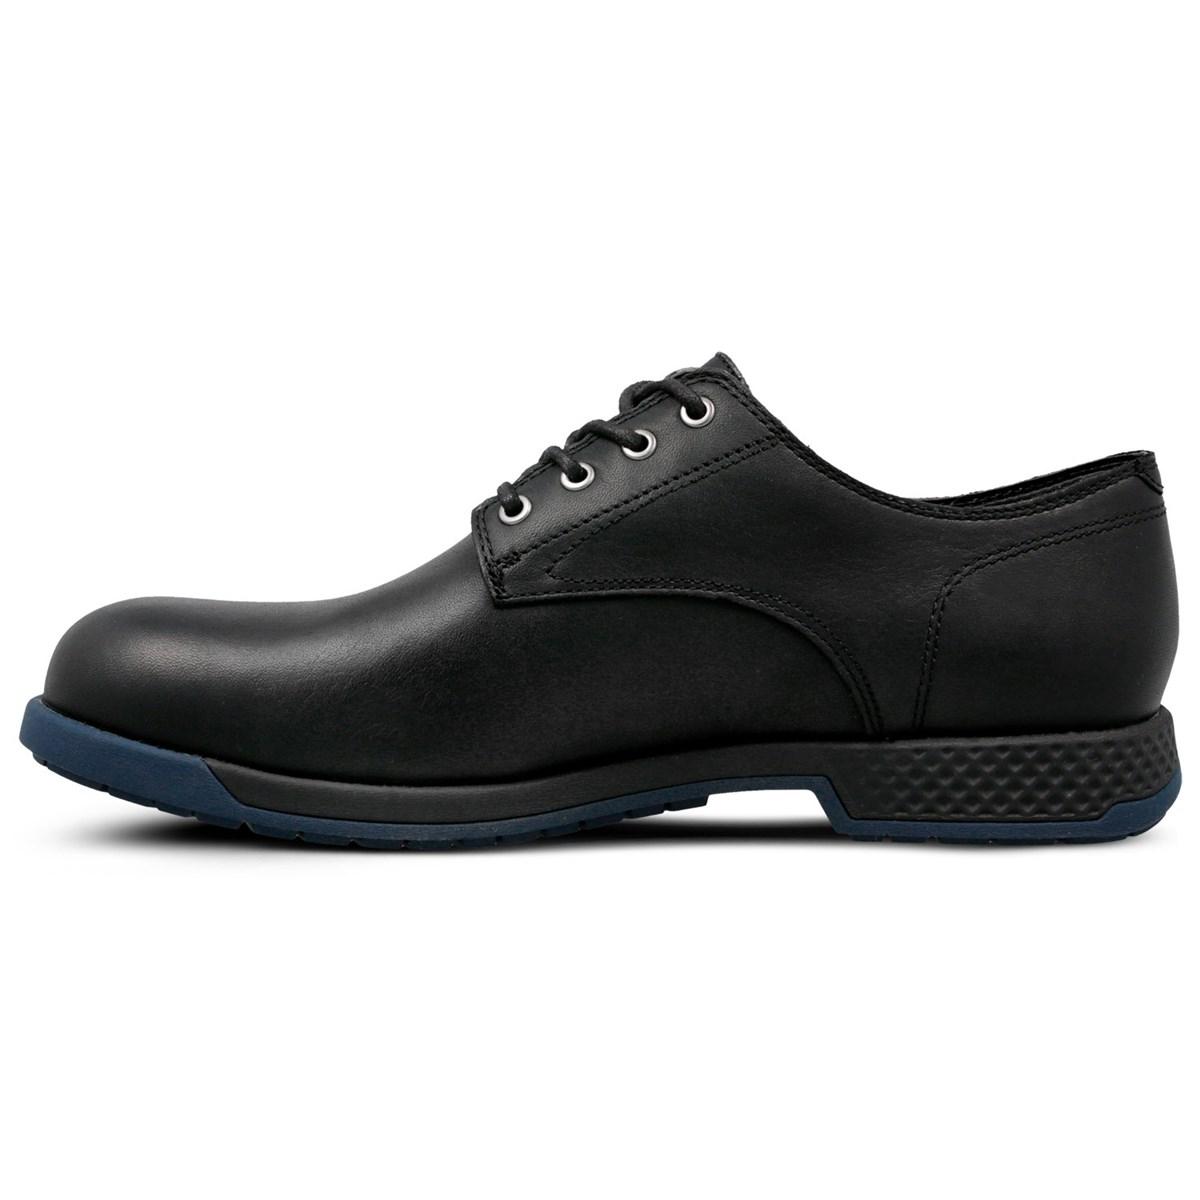 City's Edge Wp Oxford Erkek Siyah Günlük Ayakkabı